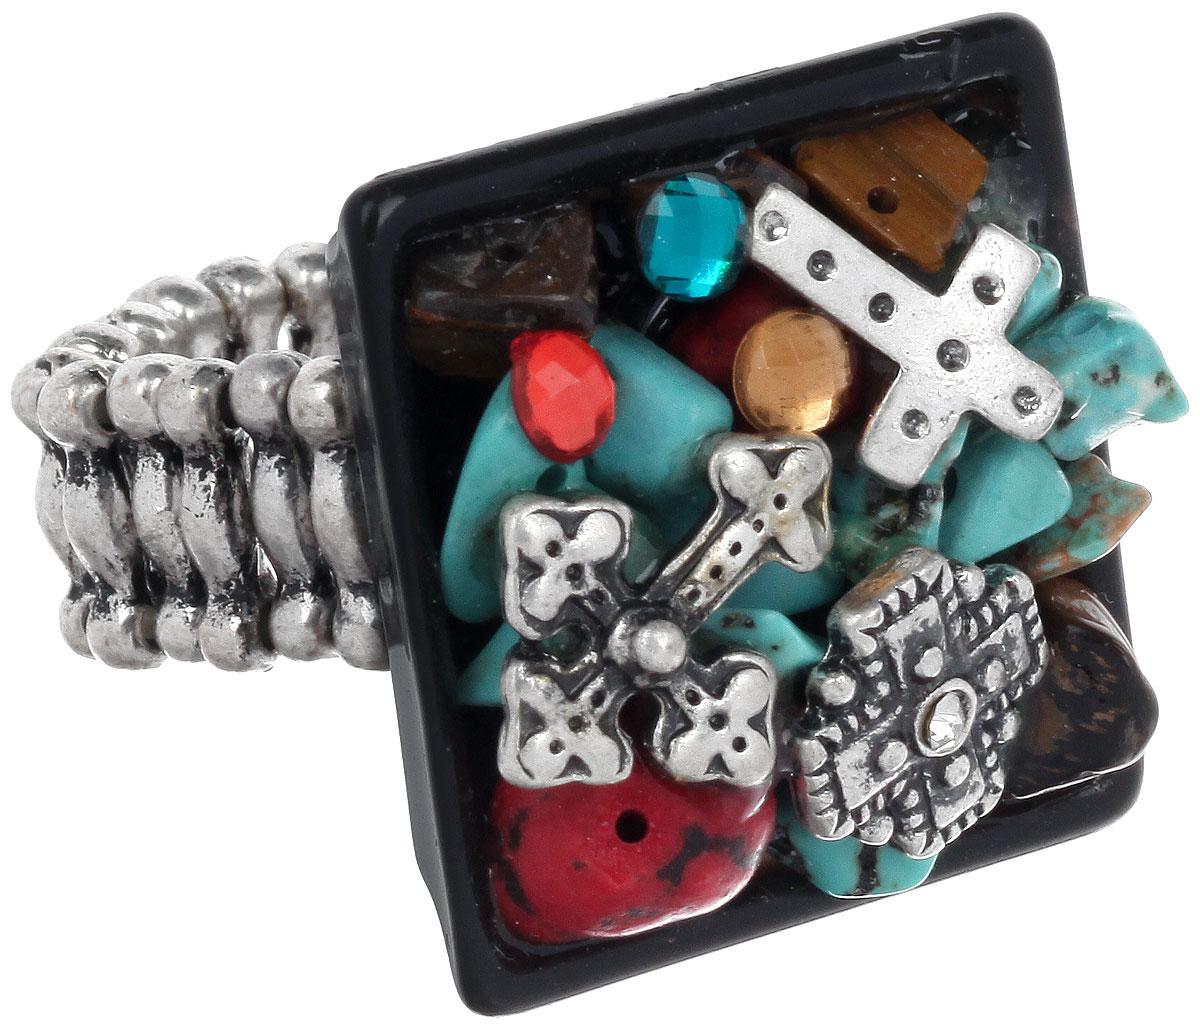 Кольцо Avgad, цвет: серебристый, бирюзовый, черный. EA178JW260EA178JW260Оригинальное кольцо Avgad изготовлено из ювелирного сплава и керамики. Изделие дополнено натуральными камнями, стразами и декоративными элементами из металла. Элементы кольца соединены между собой при помощи тонкой резинки, благодаря которой изделие имеет универсальный размер. Его легко снимать и надевать. Кольцо упаковано в мешочек на кулиске. Это необычное украшение внесет изюминку в ваш модный образ, а также позволит выделиться среди окружающих.